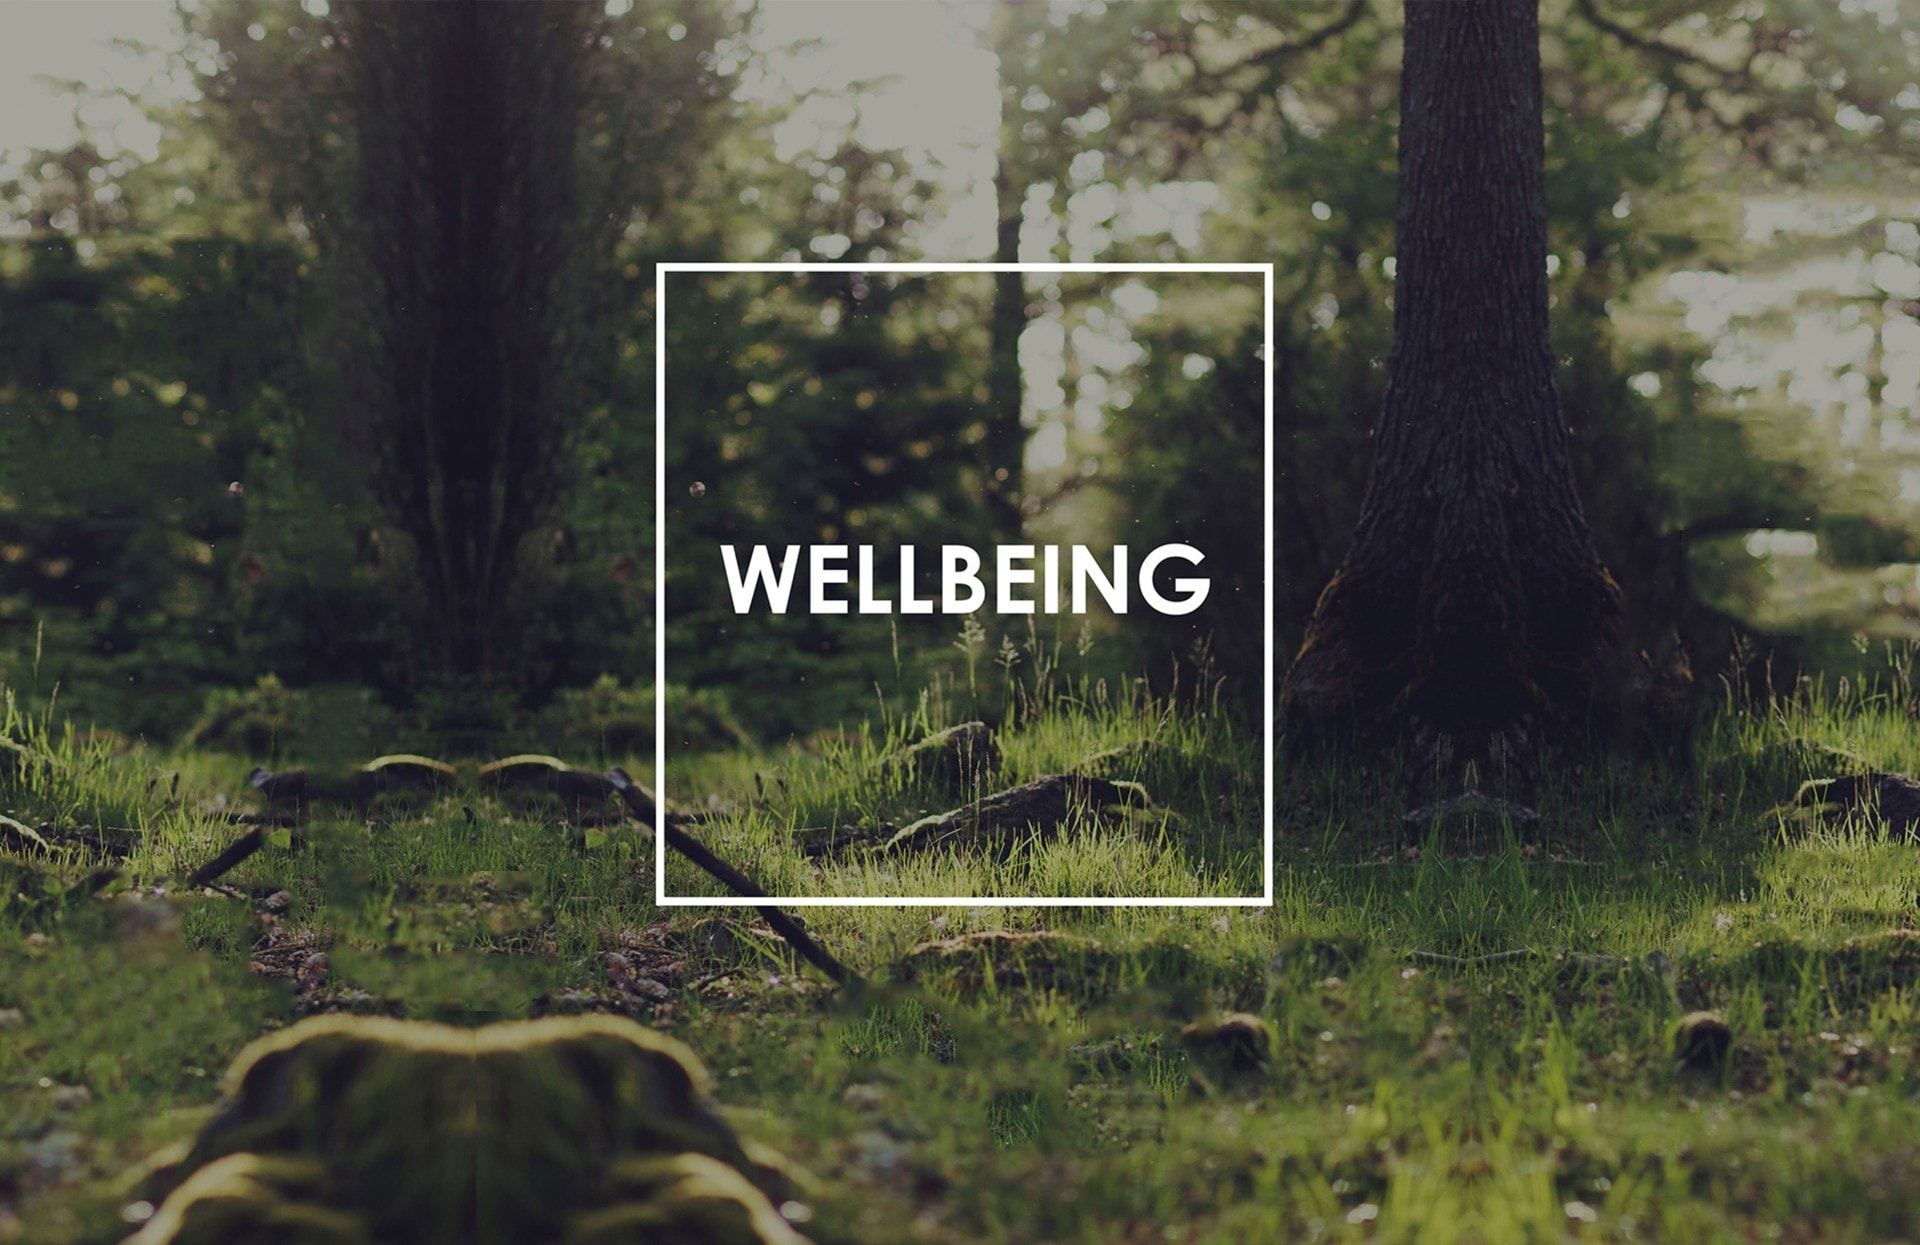 wellbeing-banner-min.jpg